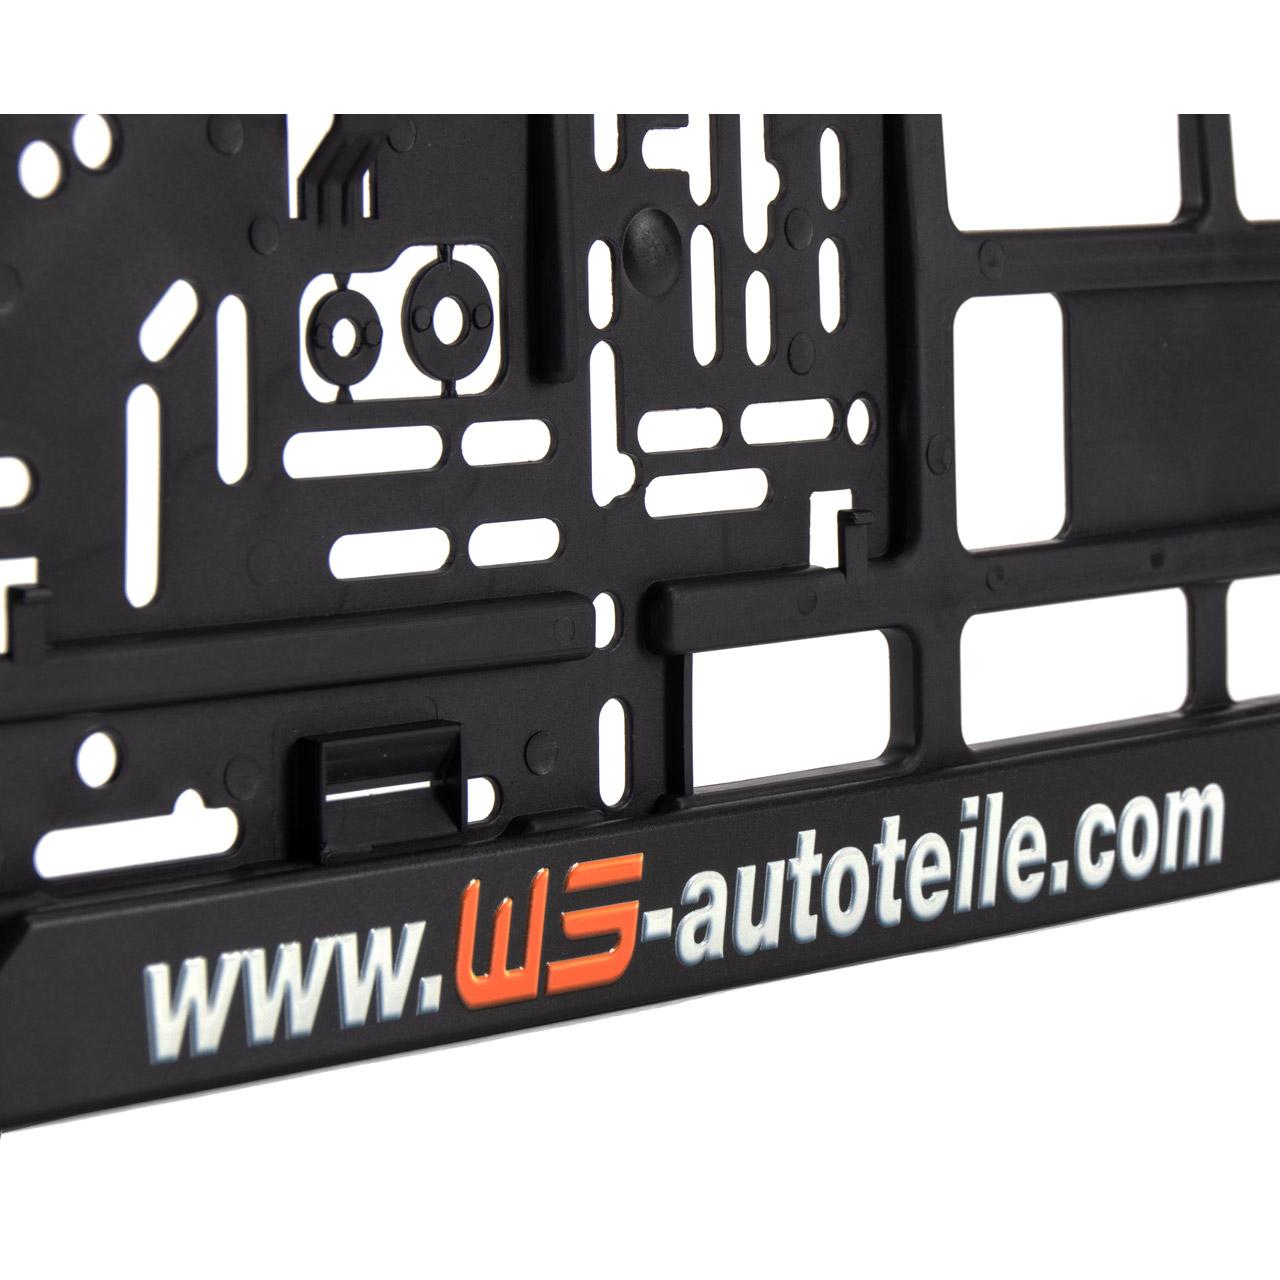 2x WS-AUTOTEILE Kennzeichenhalter Nummernschildhalter 53x14cm SCHWARZ